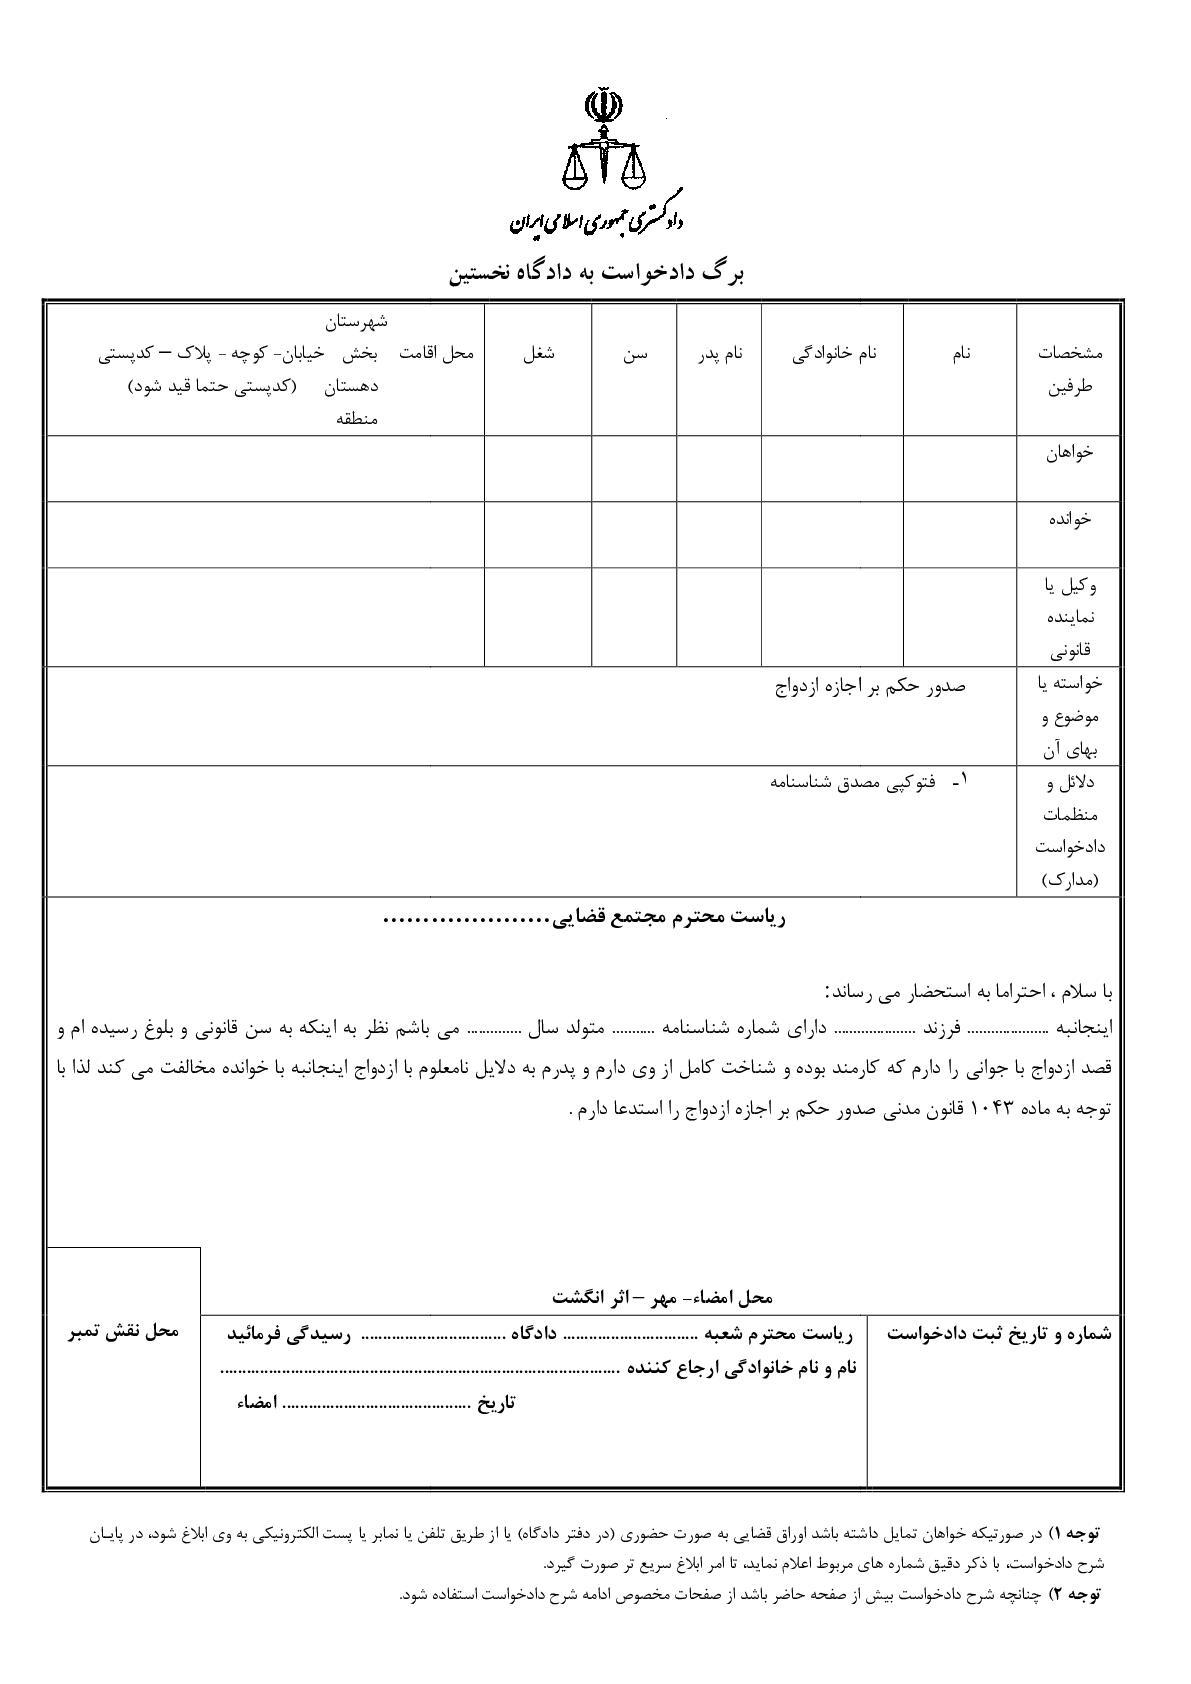 دادخواست صدور حکم بر اجازه ازدواج